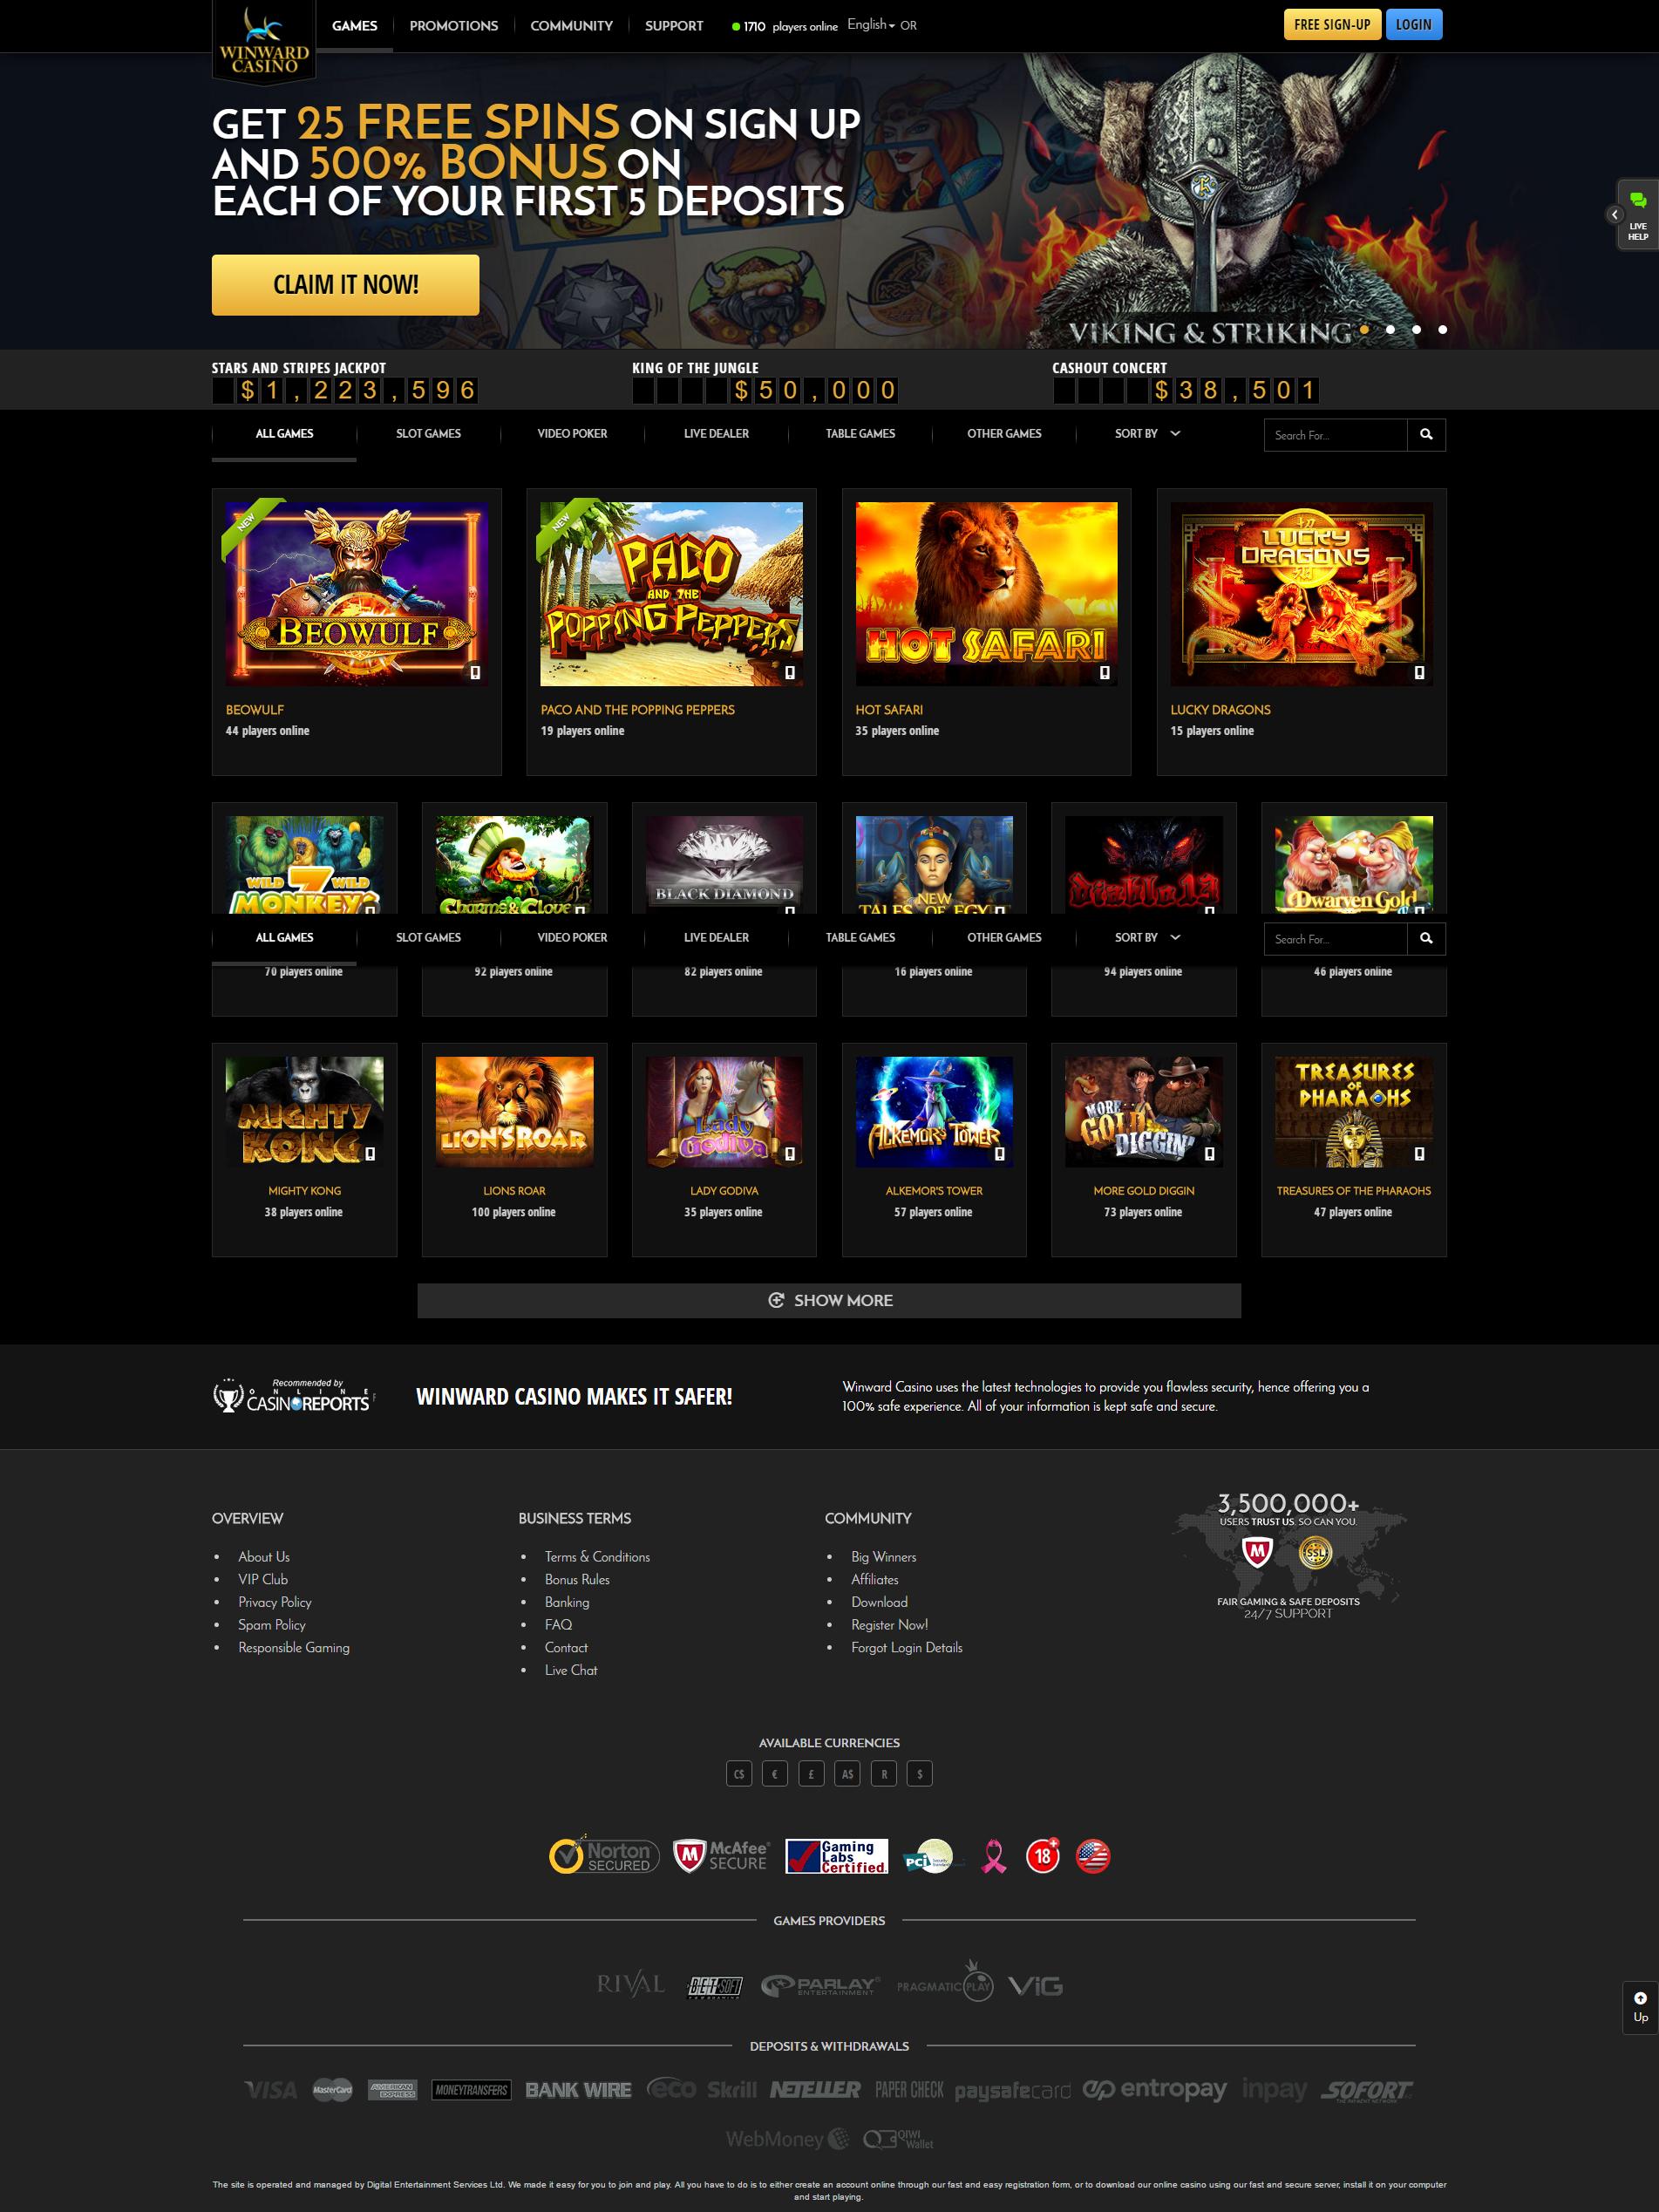 Casino offer winward instant bonus casinos